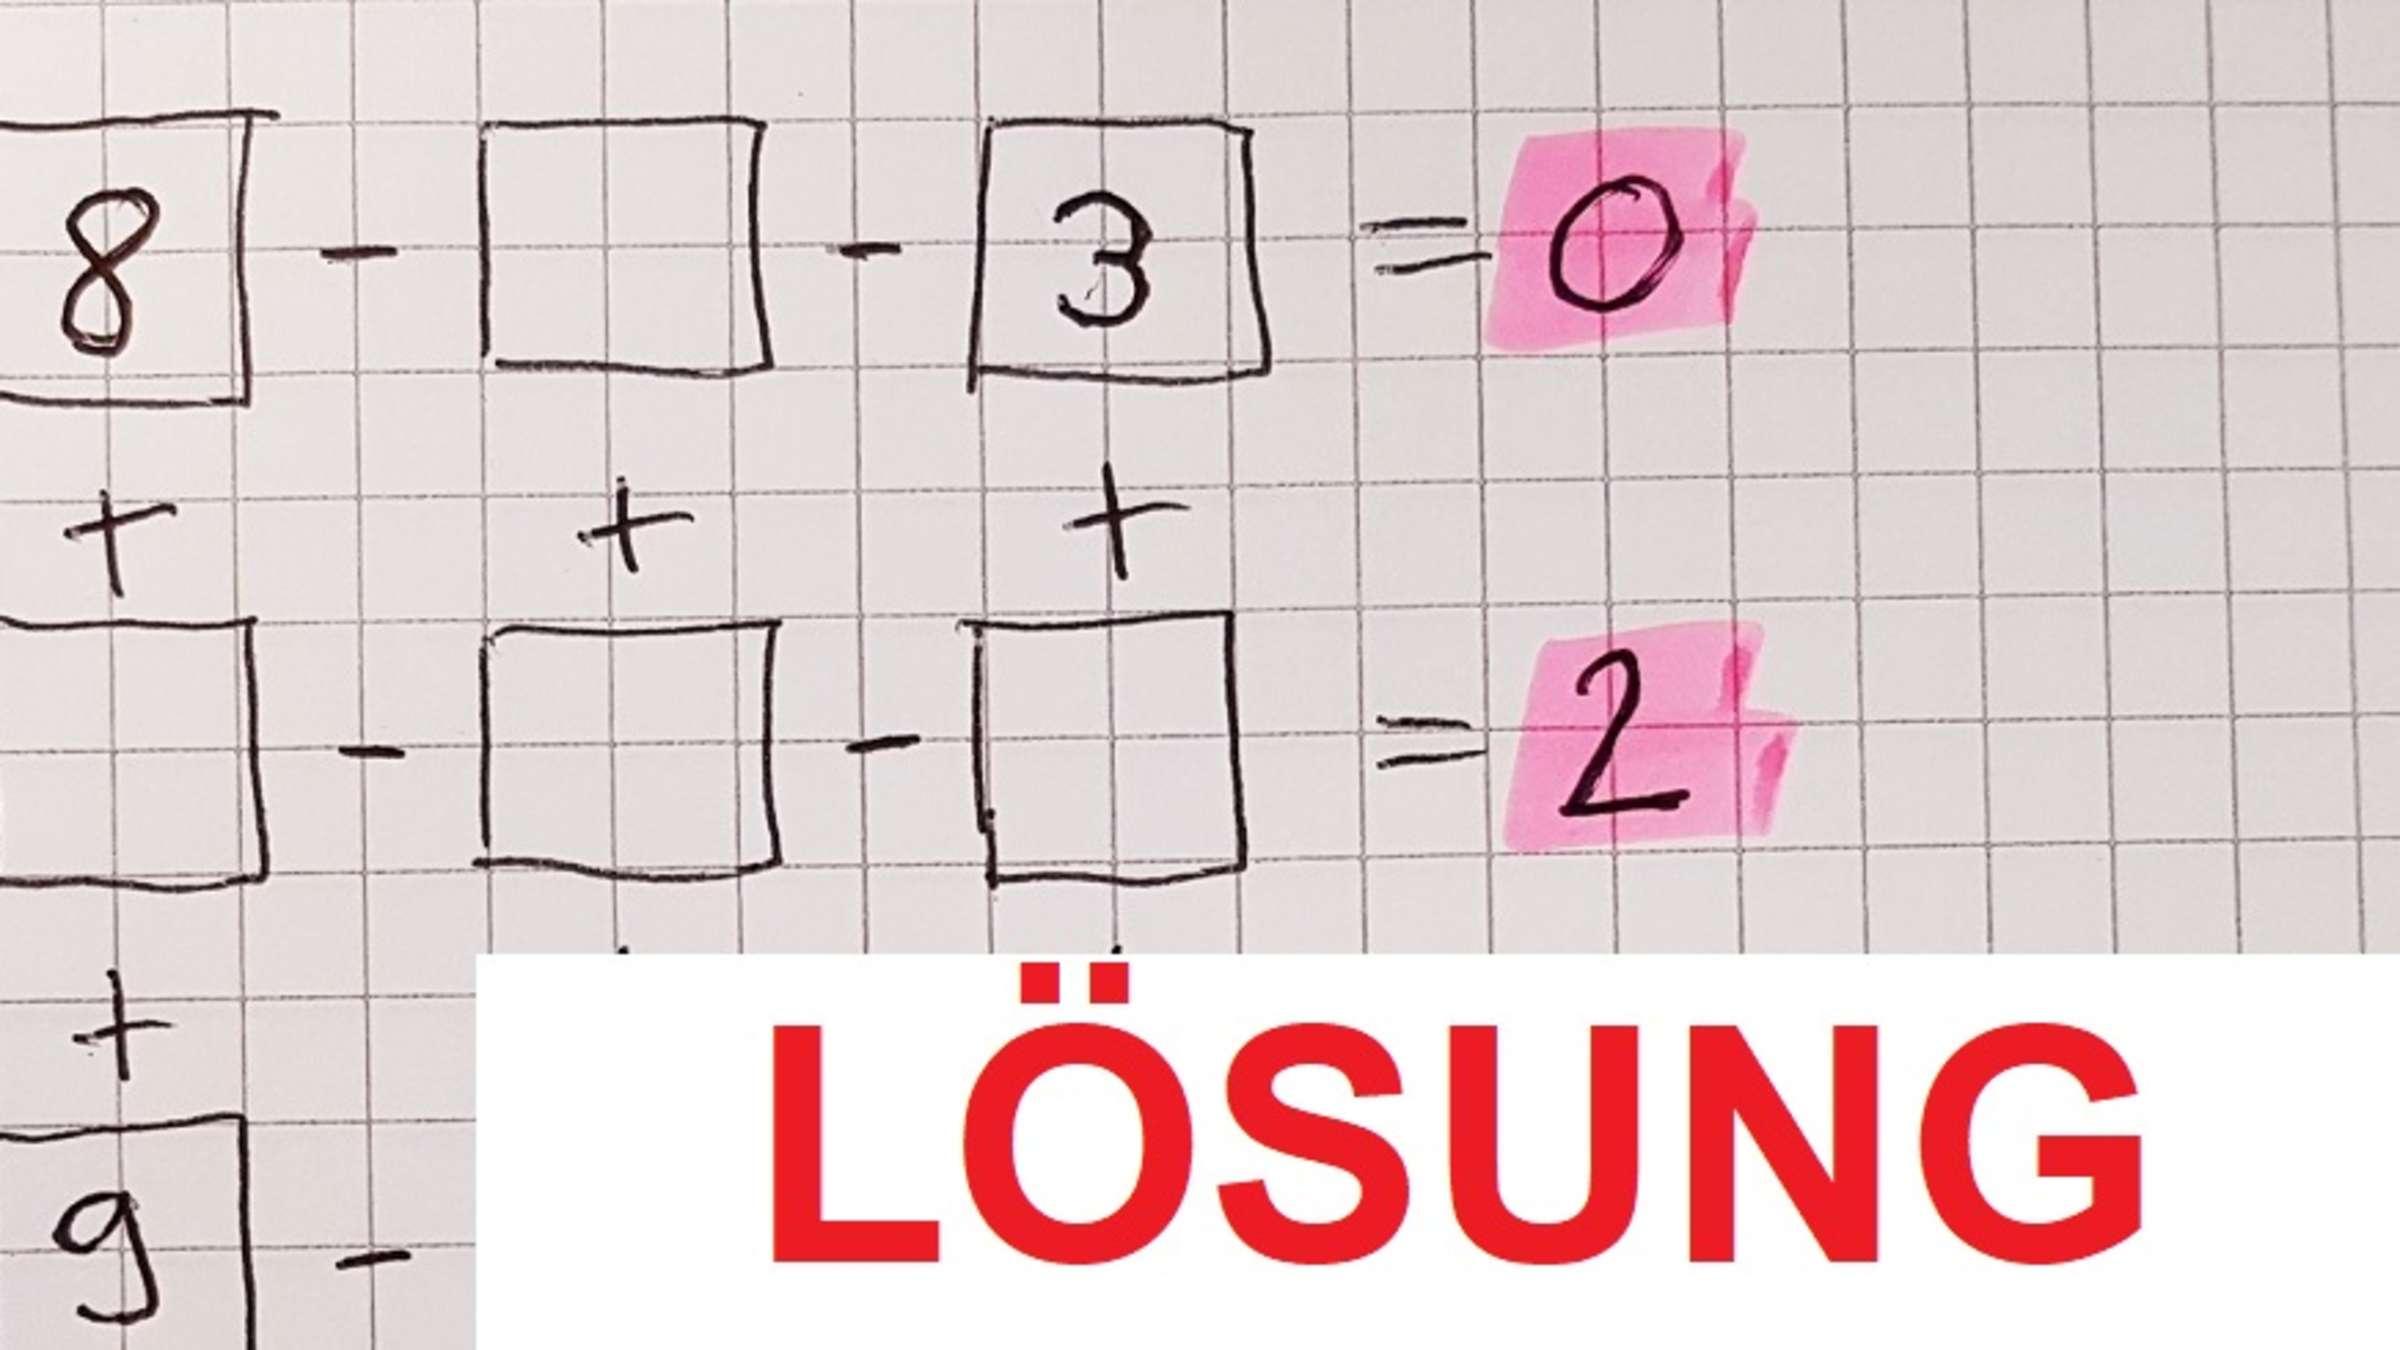 Lösung Mathe-Rätsel: Zweitklässler Lösen Es Sofort, Andere in Bilder Rätsel Lösungen